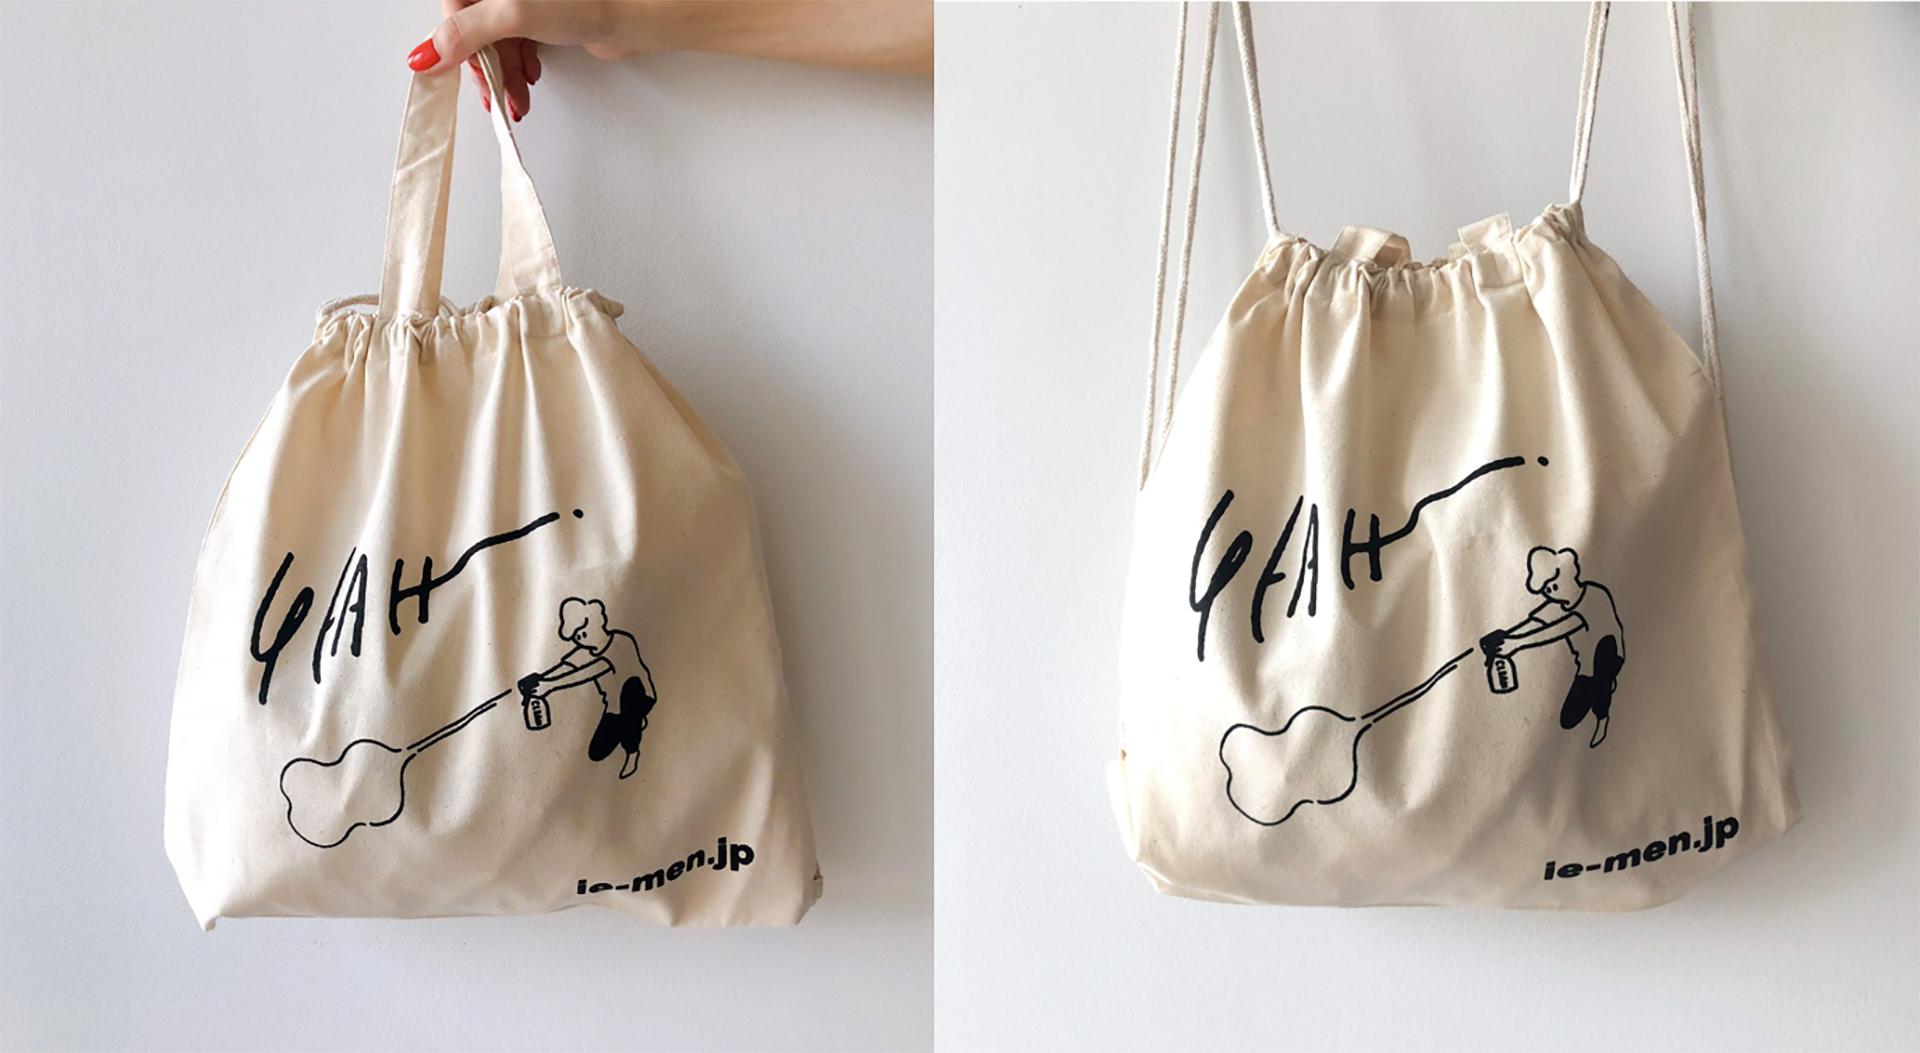 「家men」ワークショップで製作するバッグの現物